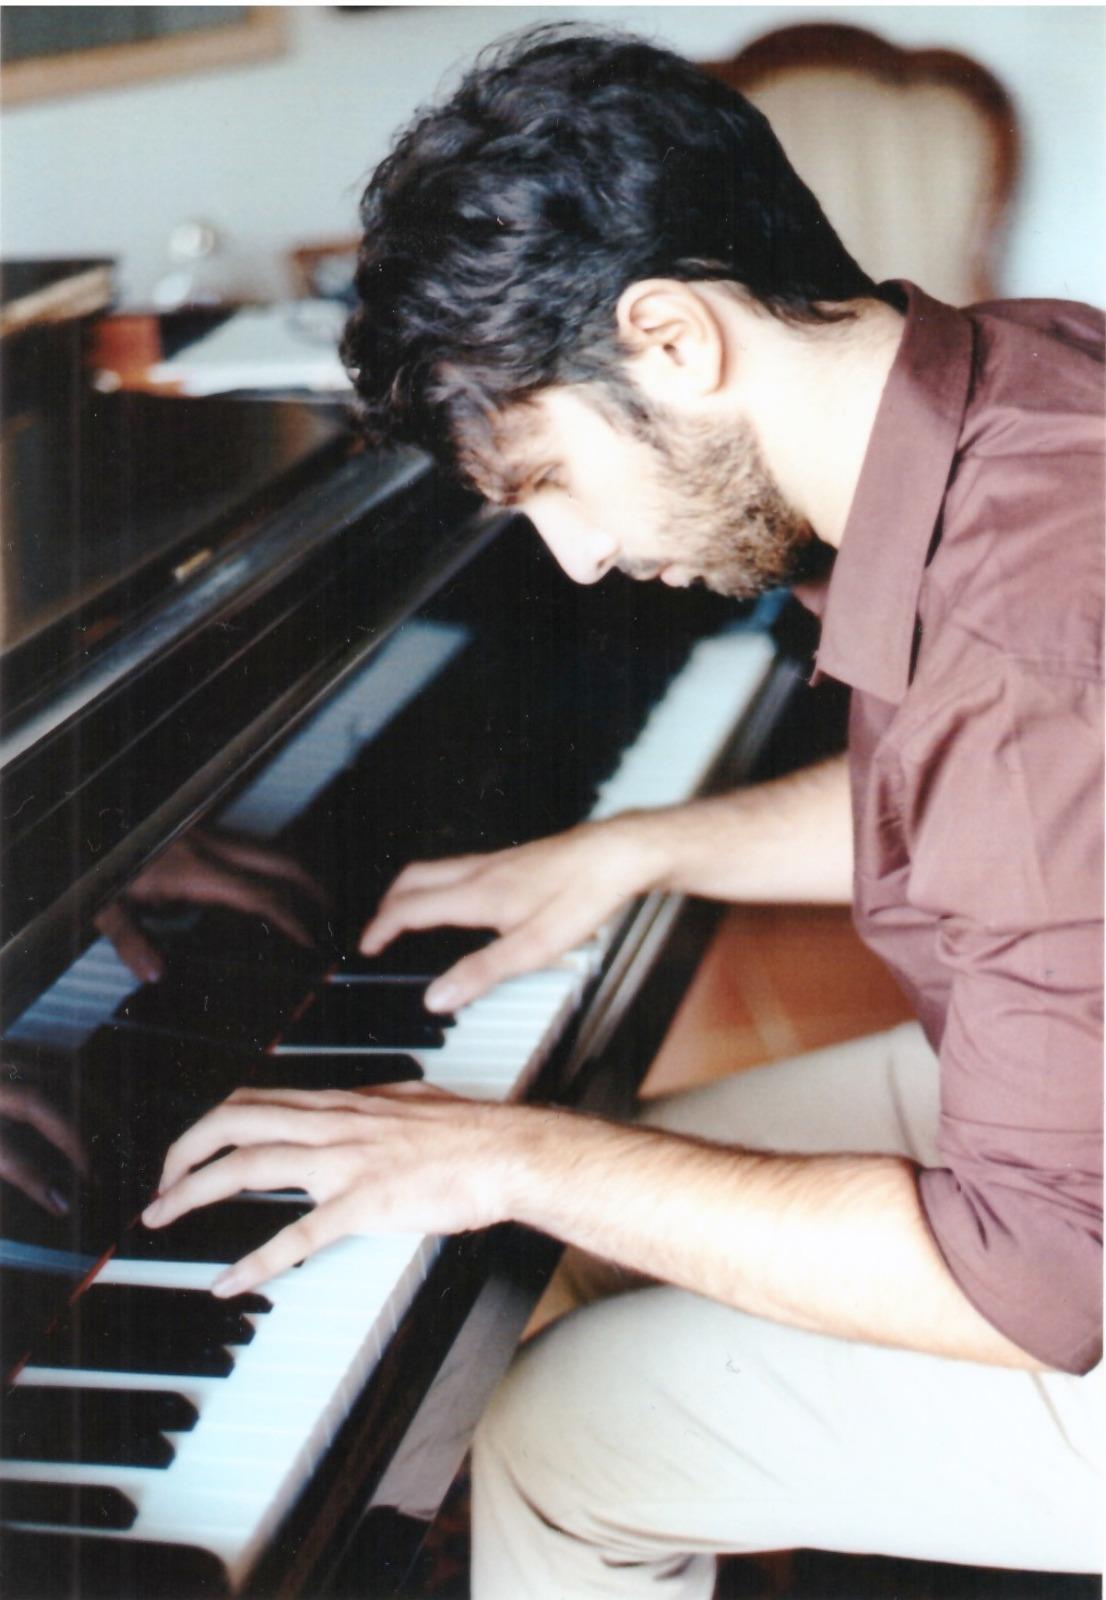 Ismaele Bauccio